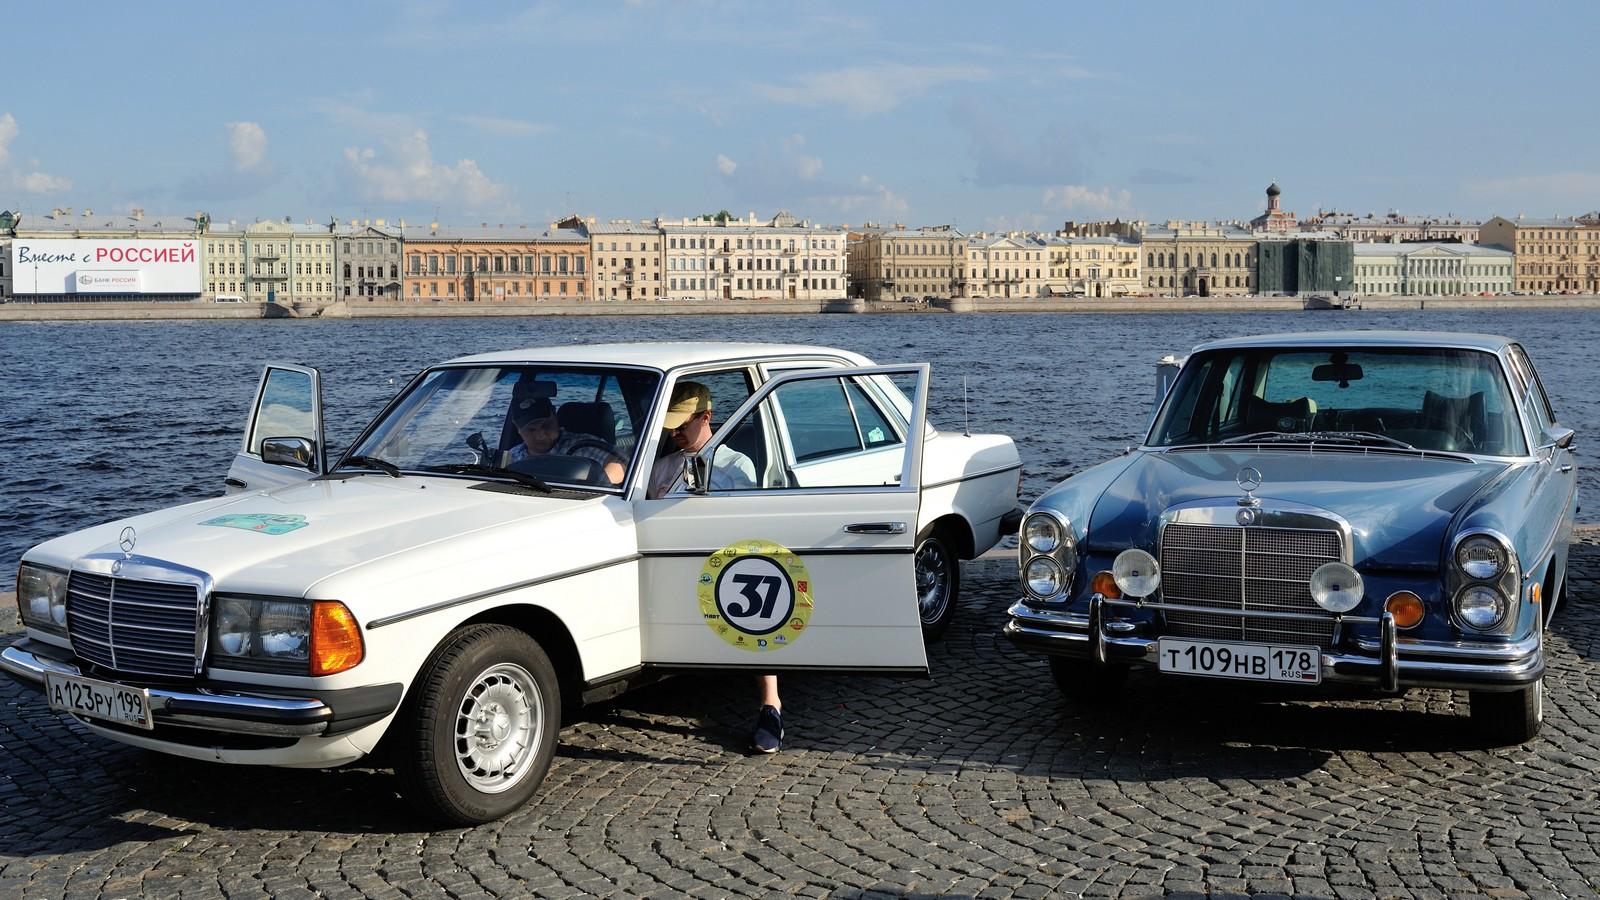 Ралли Ленинград 2021. Семейное ралли на классических автомобилях, спортивные задания и туристический квест